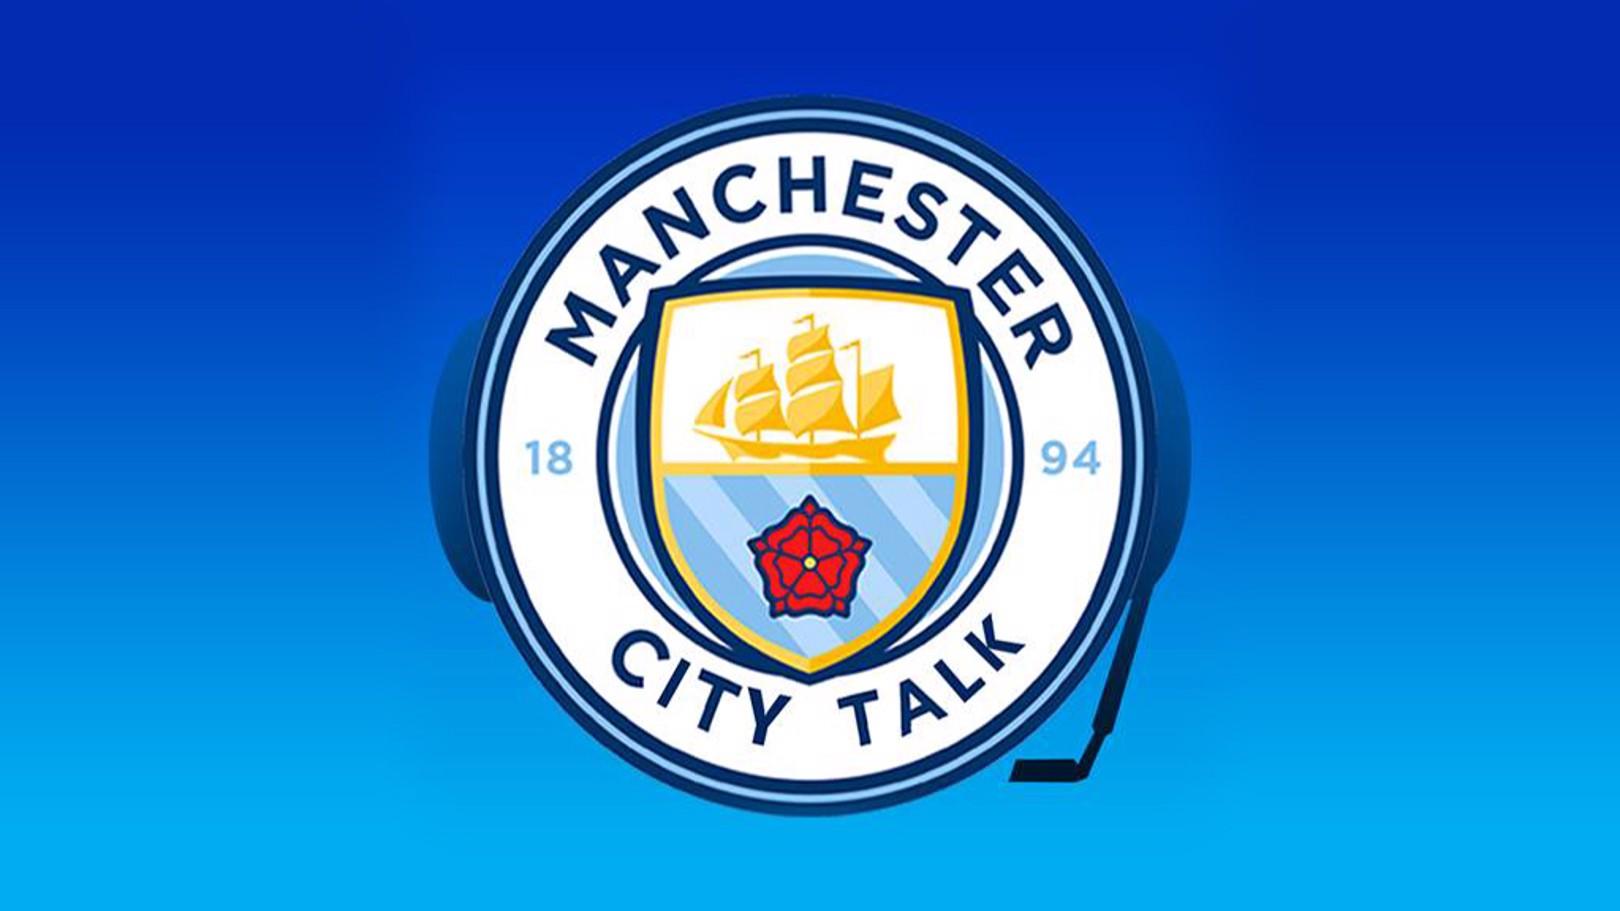 À la découverte de City Talk...